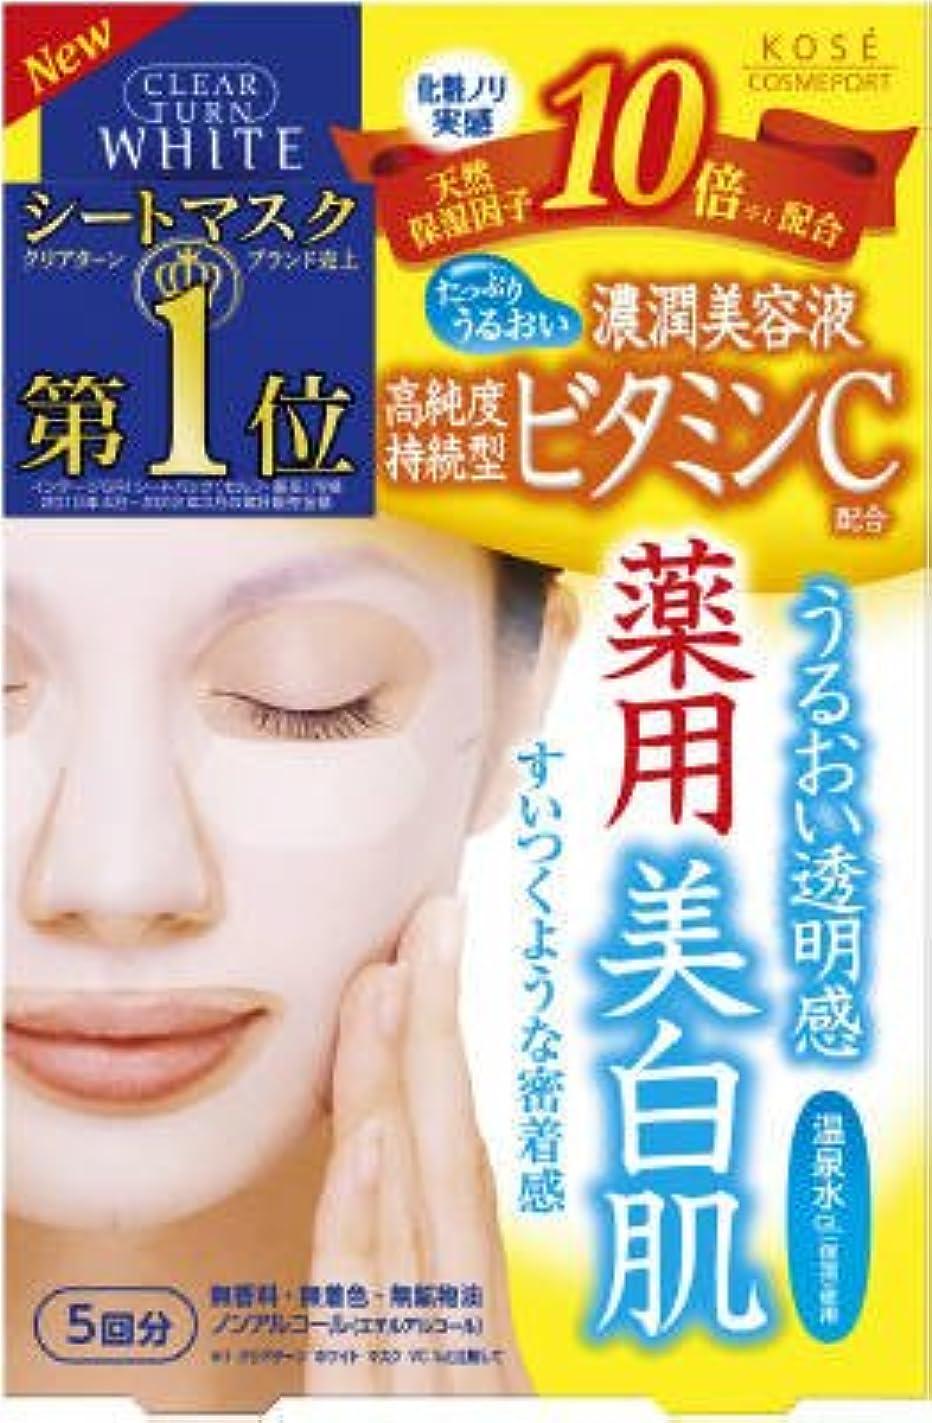 ジャンクバトルモーターコーセー クリアターン ホワイトマスク ビタミンC 5回分×48点セット  無香料?無着色?ノンアルコール(シートタイプのパック)医薬部外品